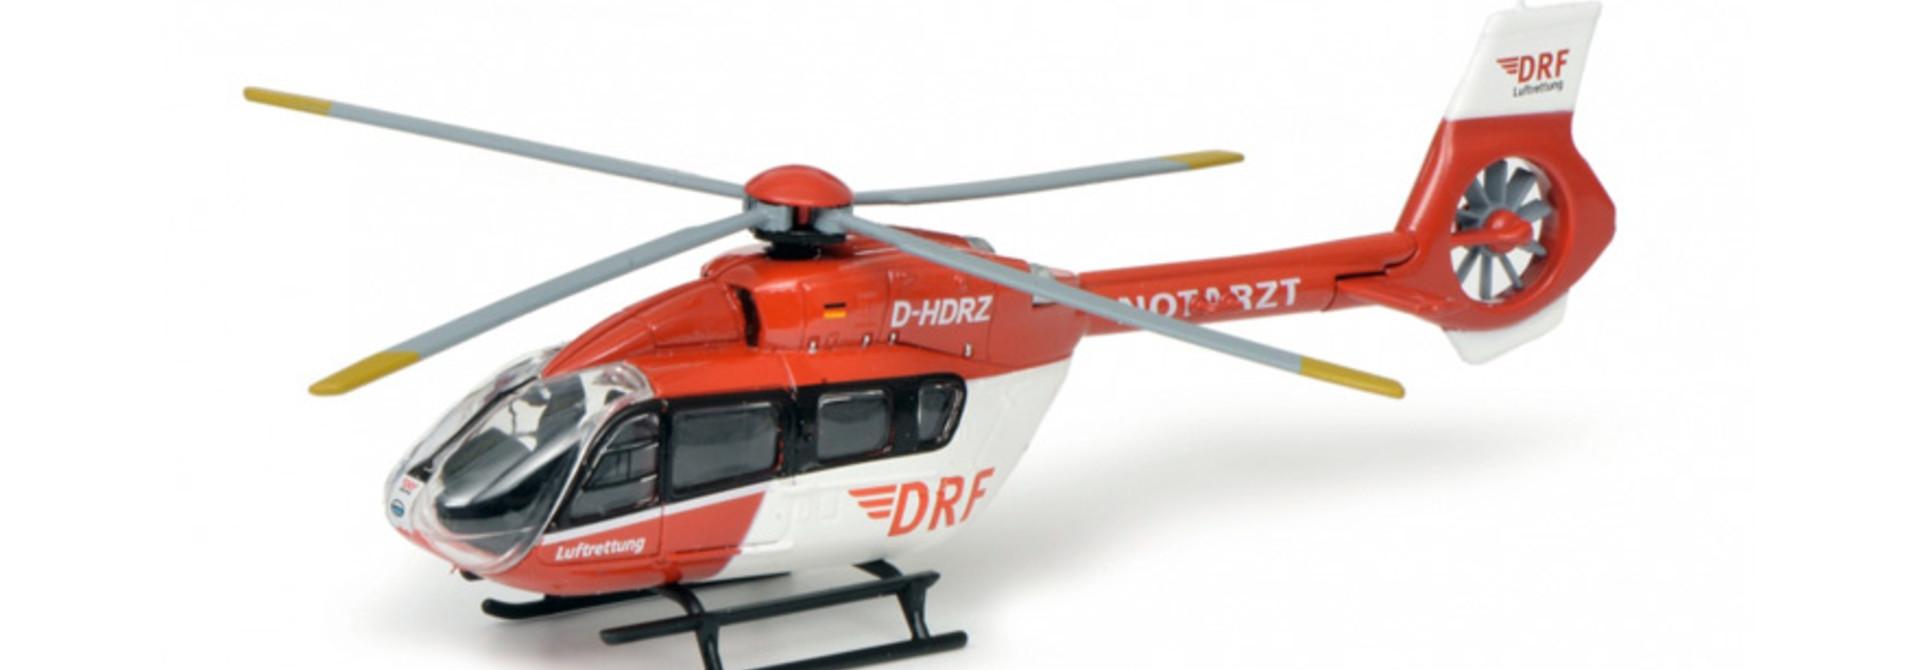 Airbus H145 DRF